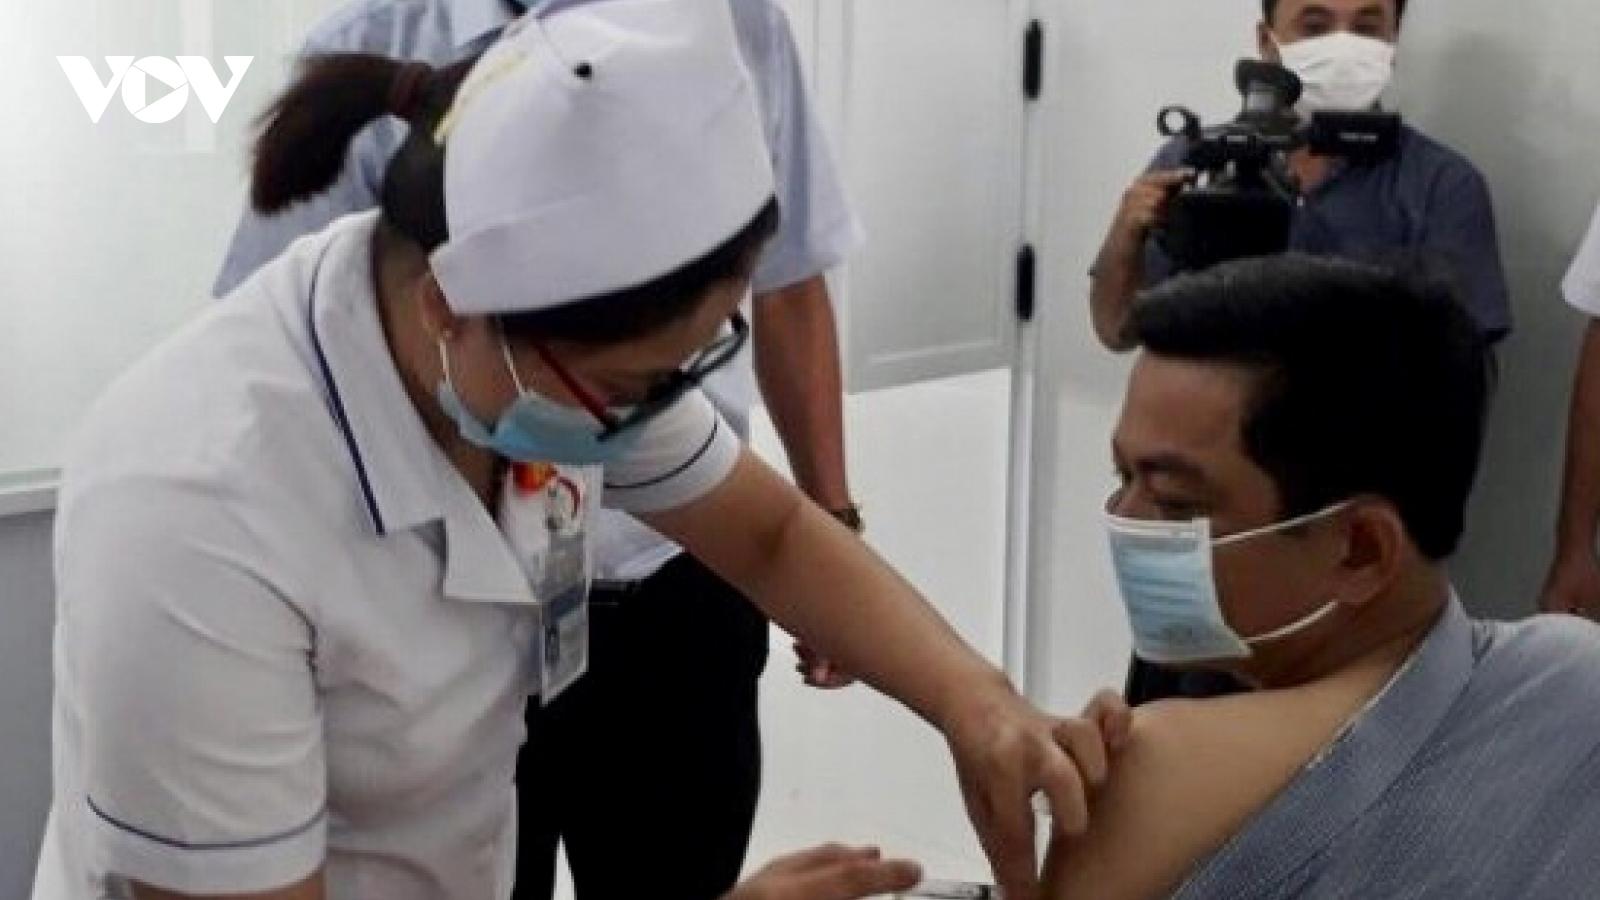 Tiêm vaccine Covid-19 cho con dưới 18 tuổi, một phó giám đốc ở Bạc Liêubị kỷ luật